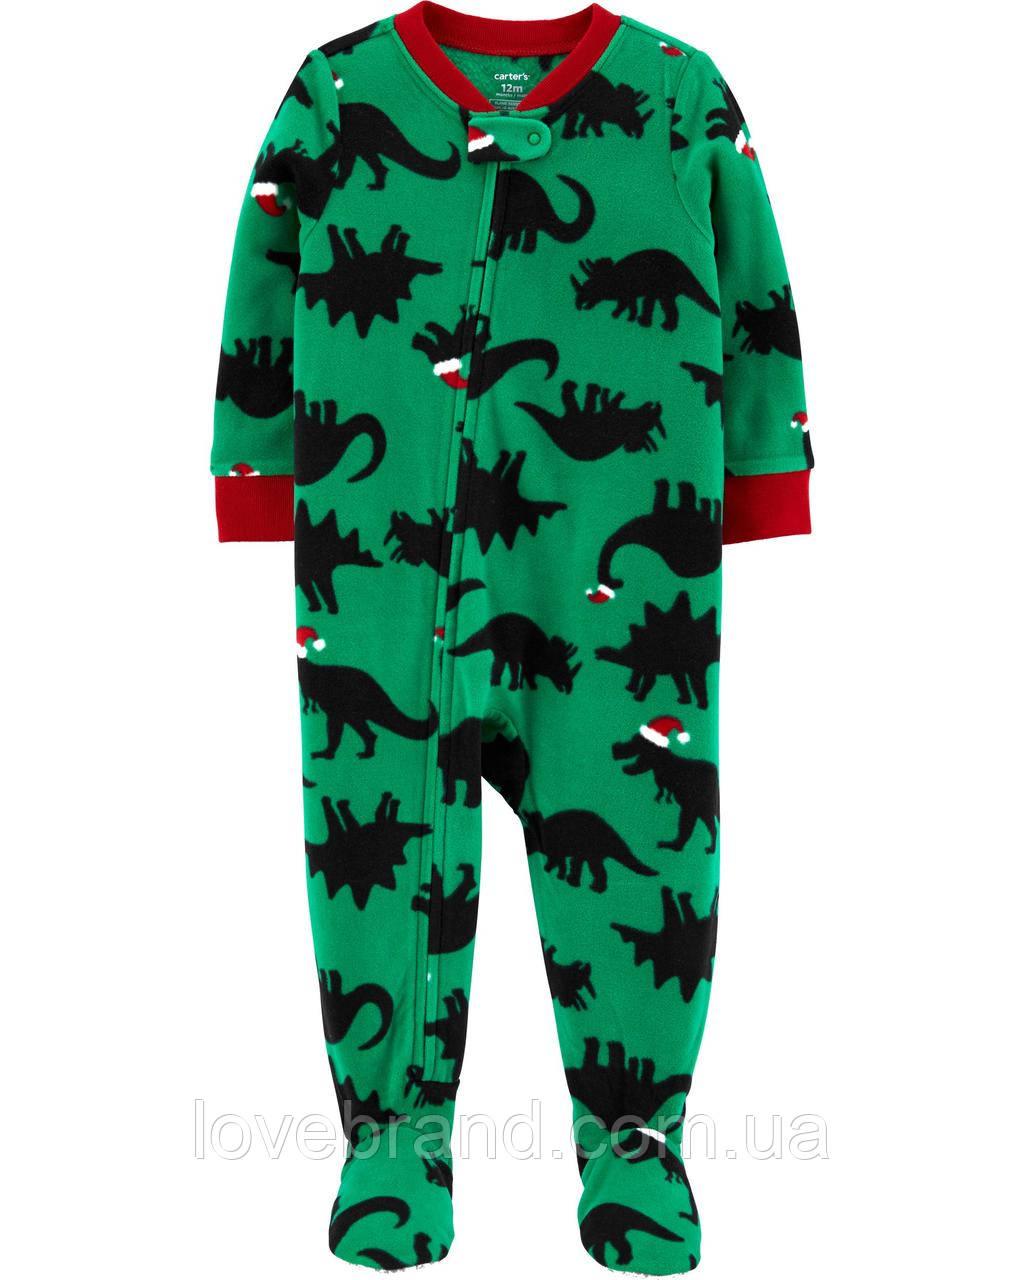 """Флисовый человечек с ножками для мальчика Carter's """"Динозавр"""" 12 мес/72-78 см"""